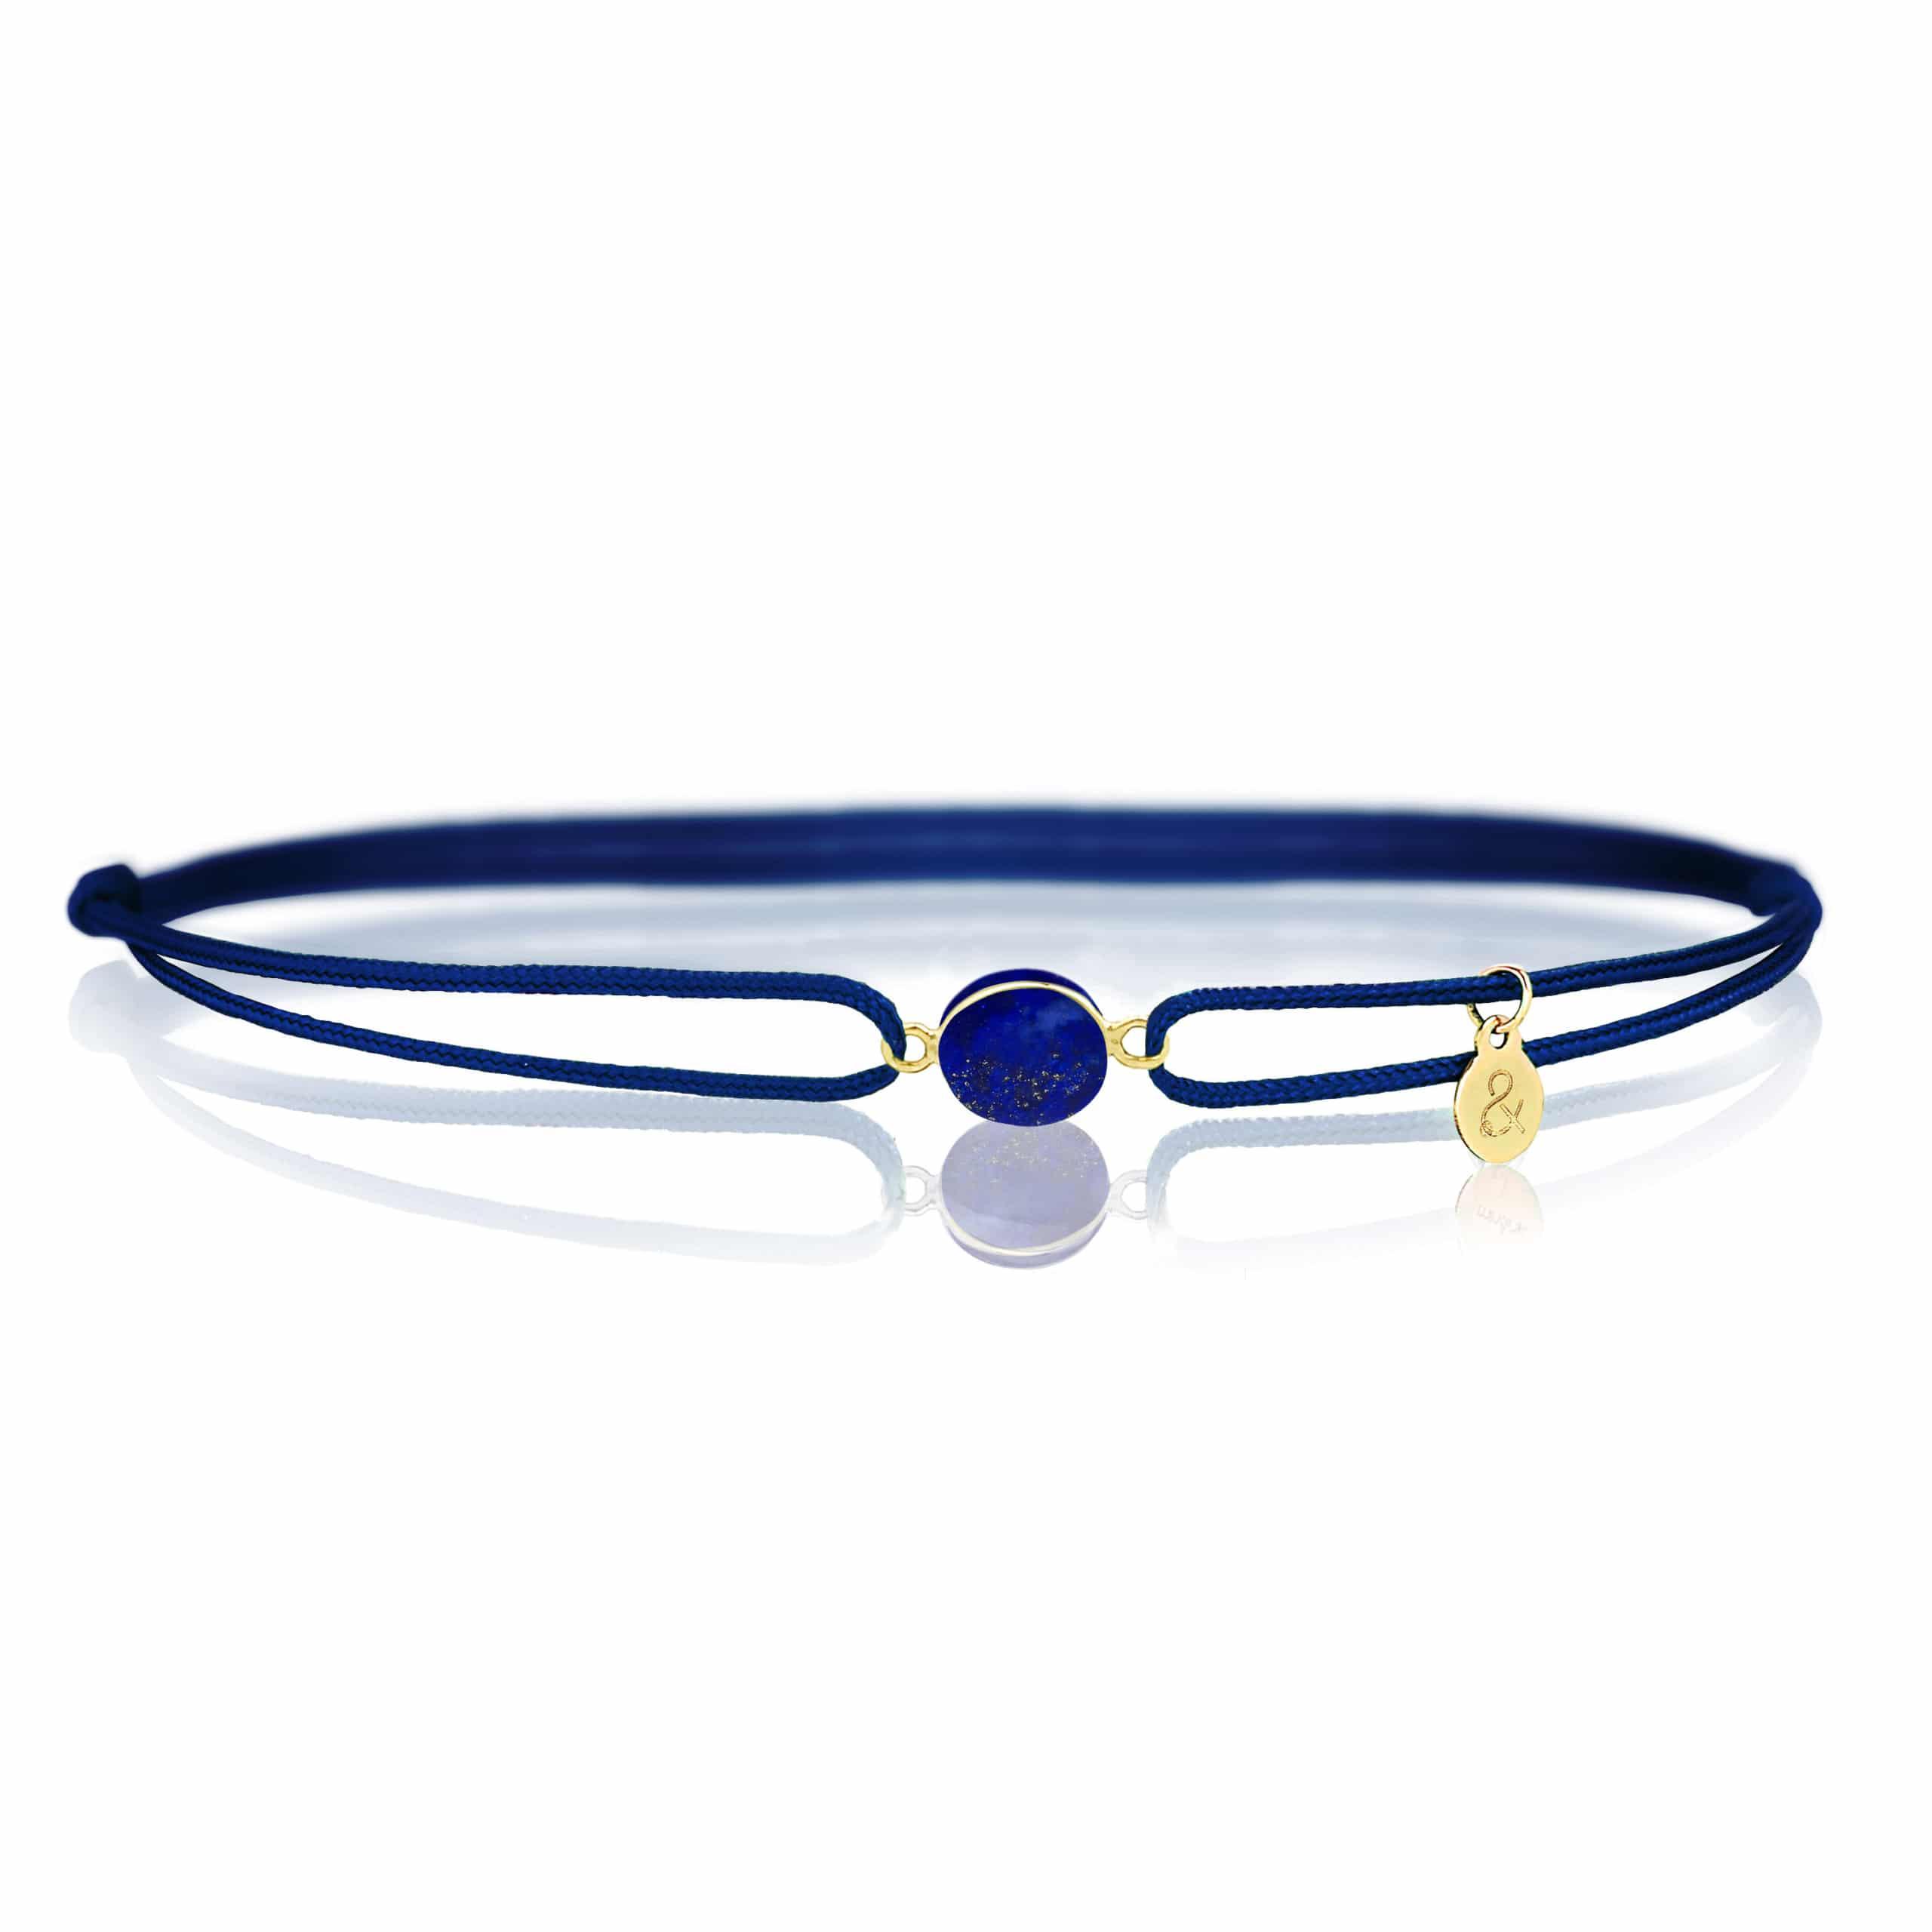 Bracelet femme Lapis-Lazuli cordon bleu